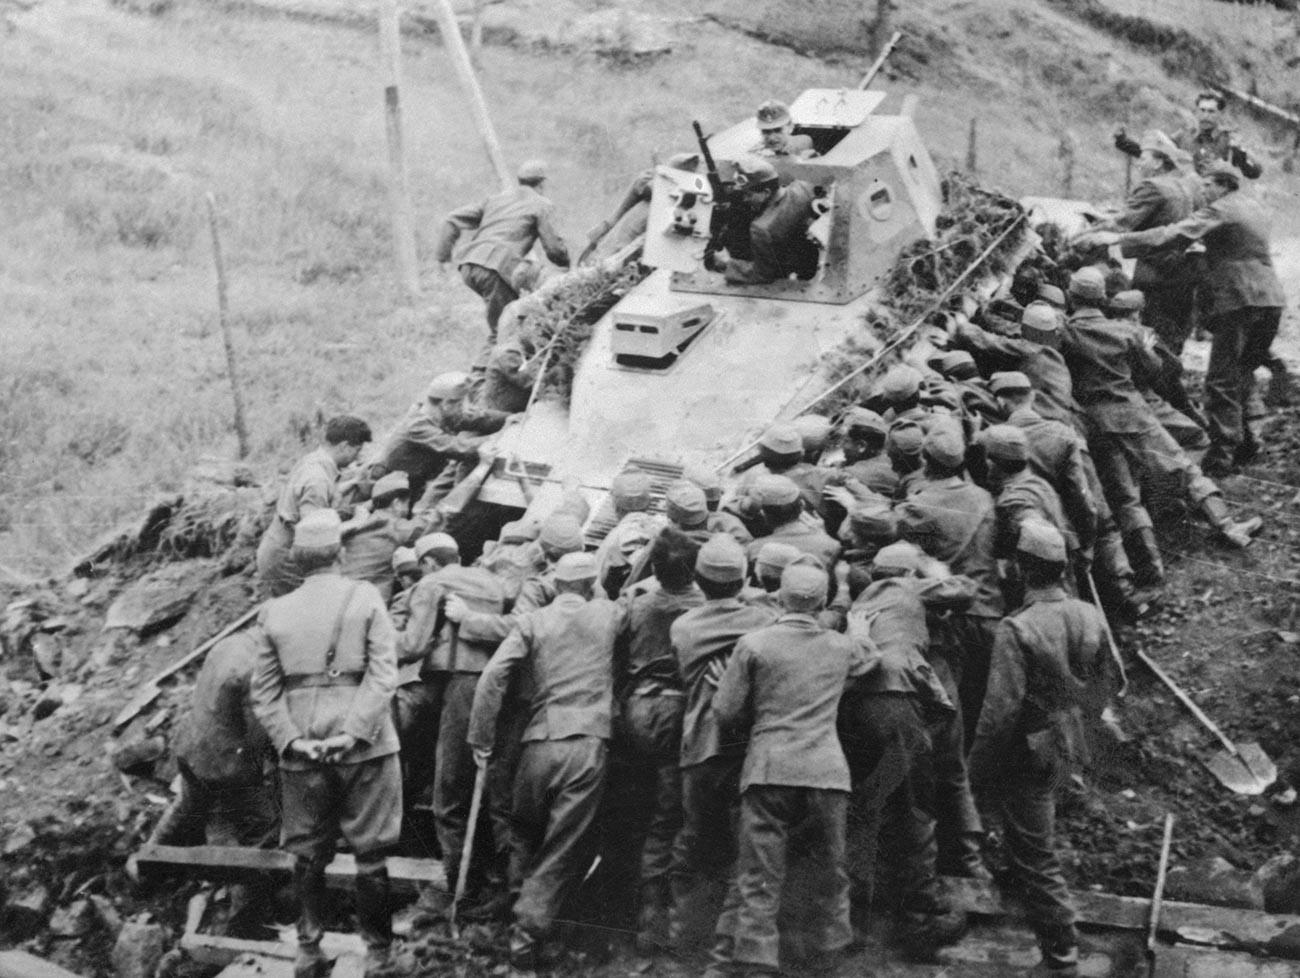 Мађарски војници покушавају да поправе оштећени руски тенк.